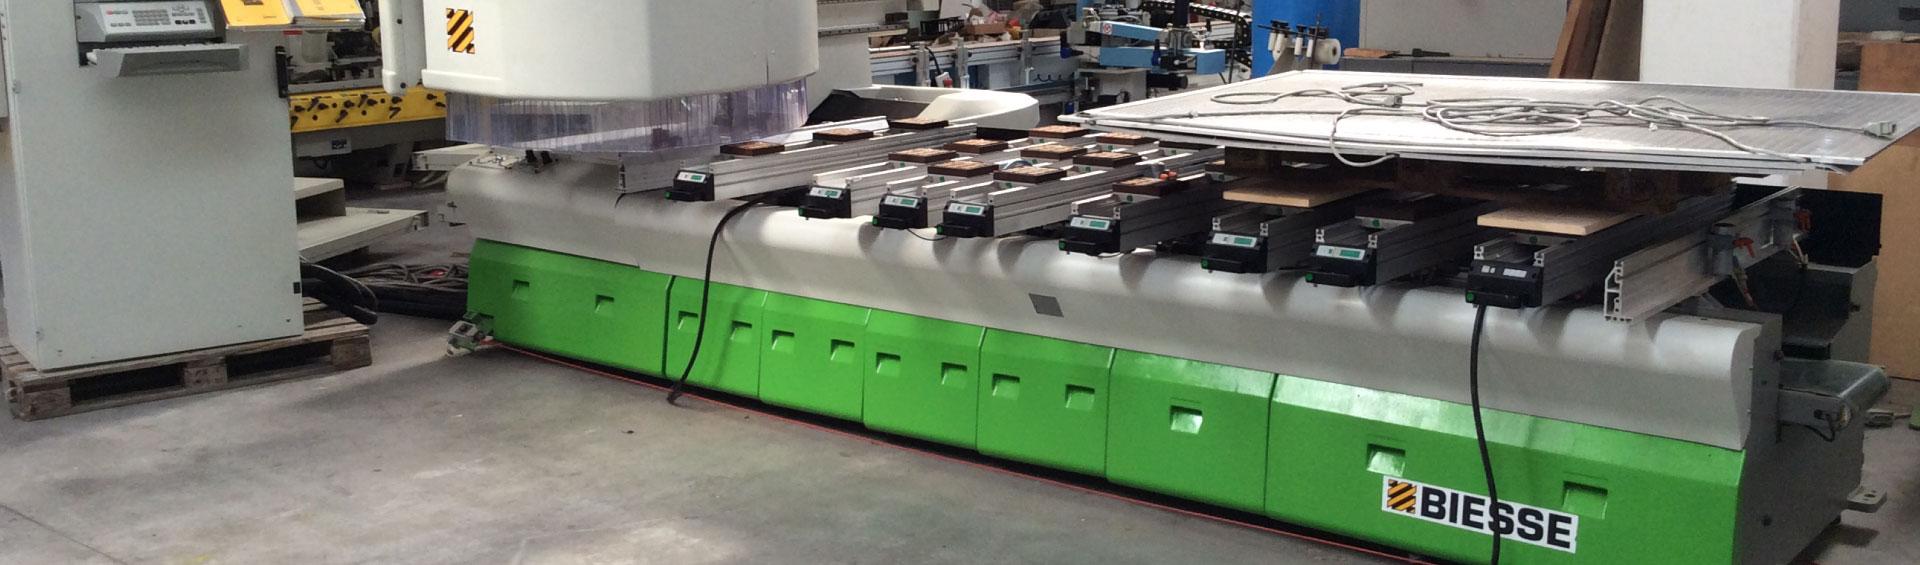 Legnomac srl vendita macchine per la lavorazione del legno for Piccole planimetrie per la lavorazione del legno